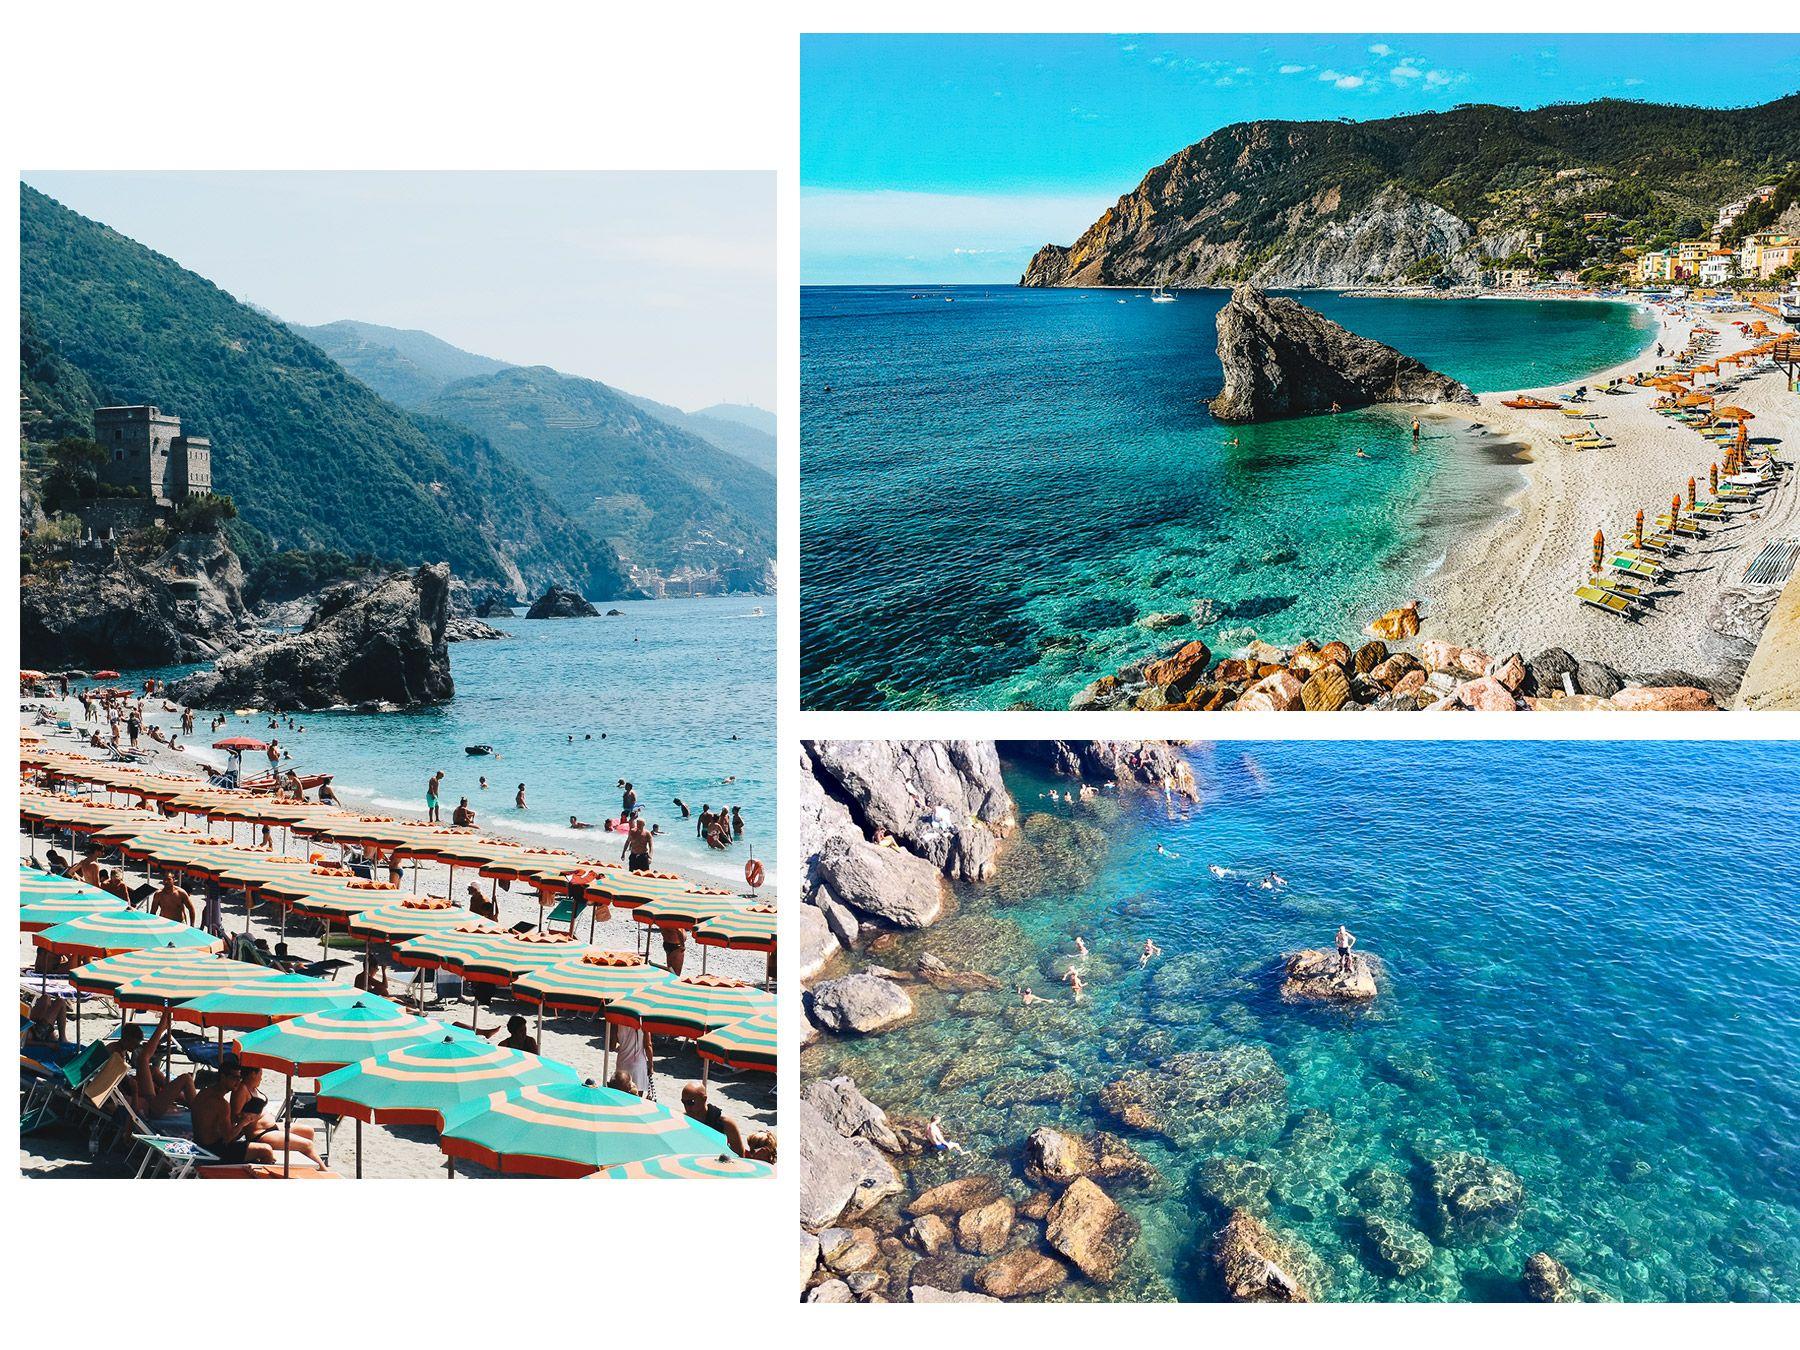 Italie | Cinq terre |Monterosso | Conseils | Guide